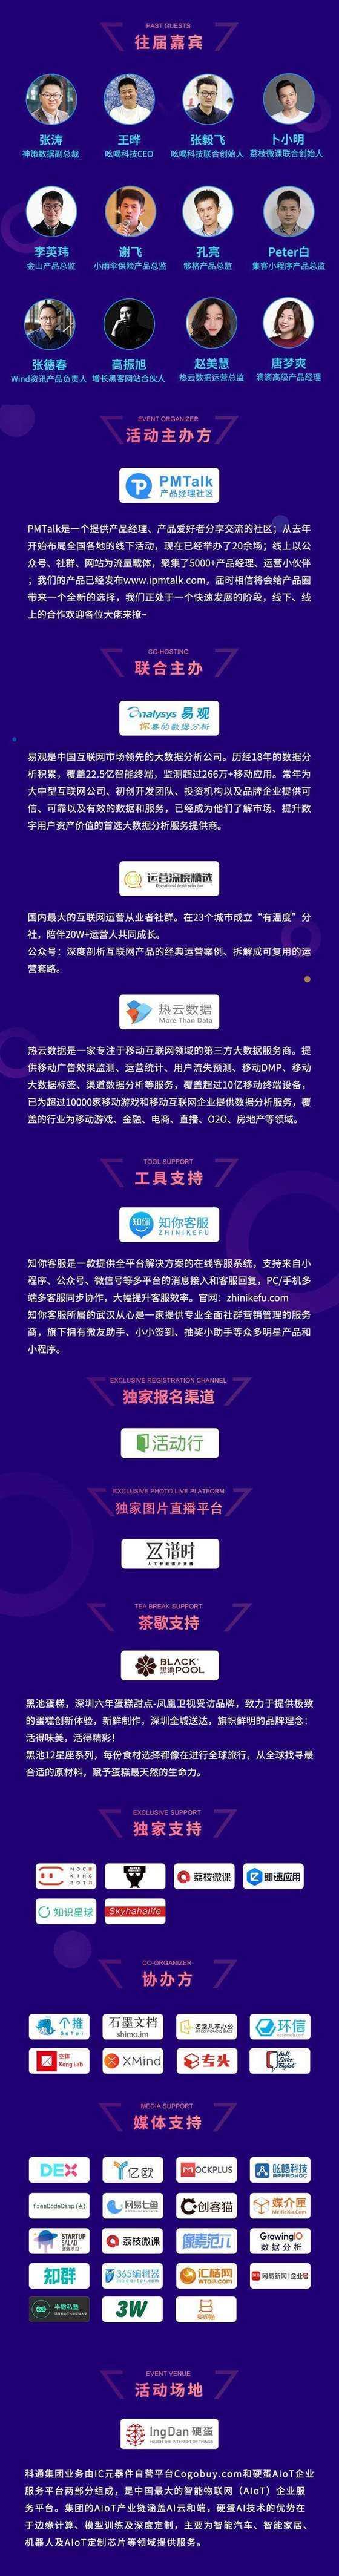 深圳-长图2.jpg